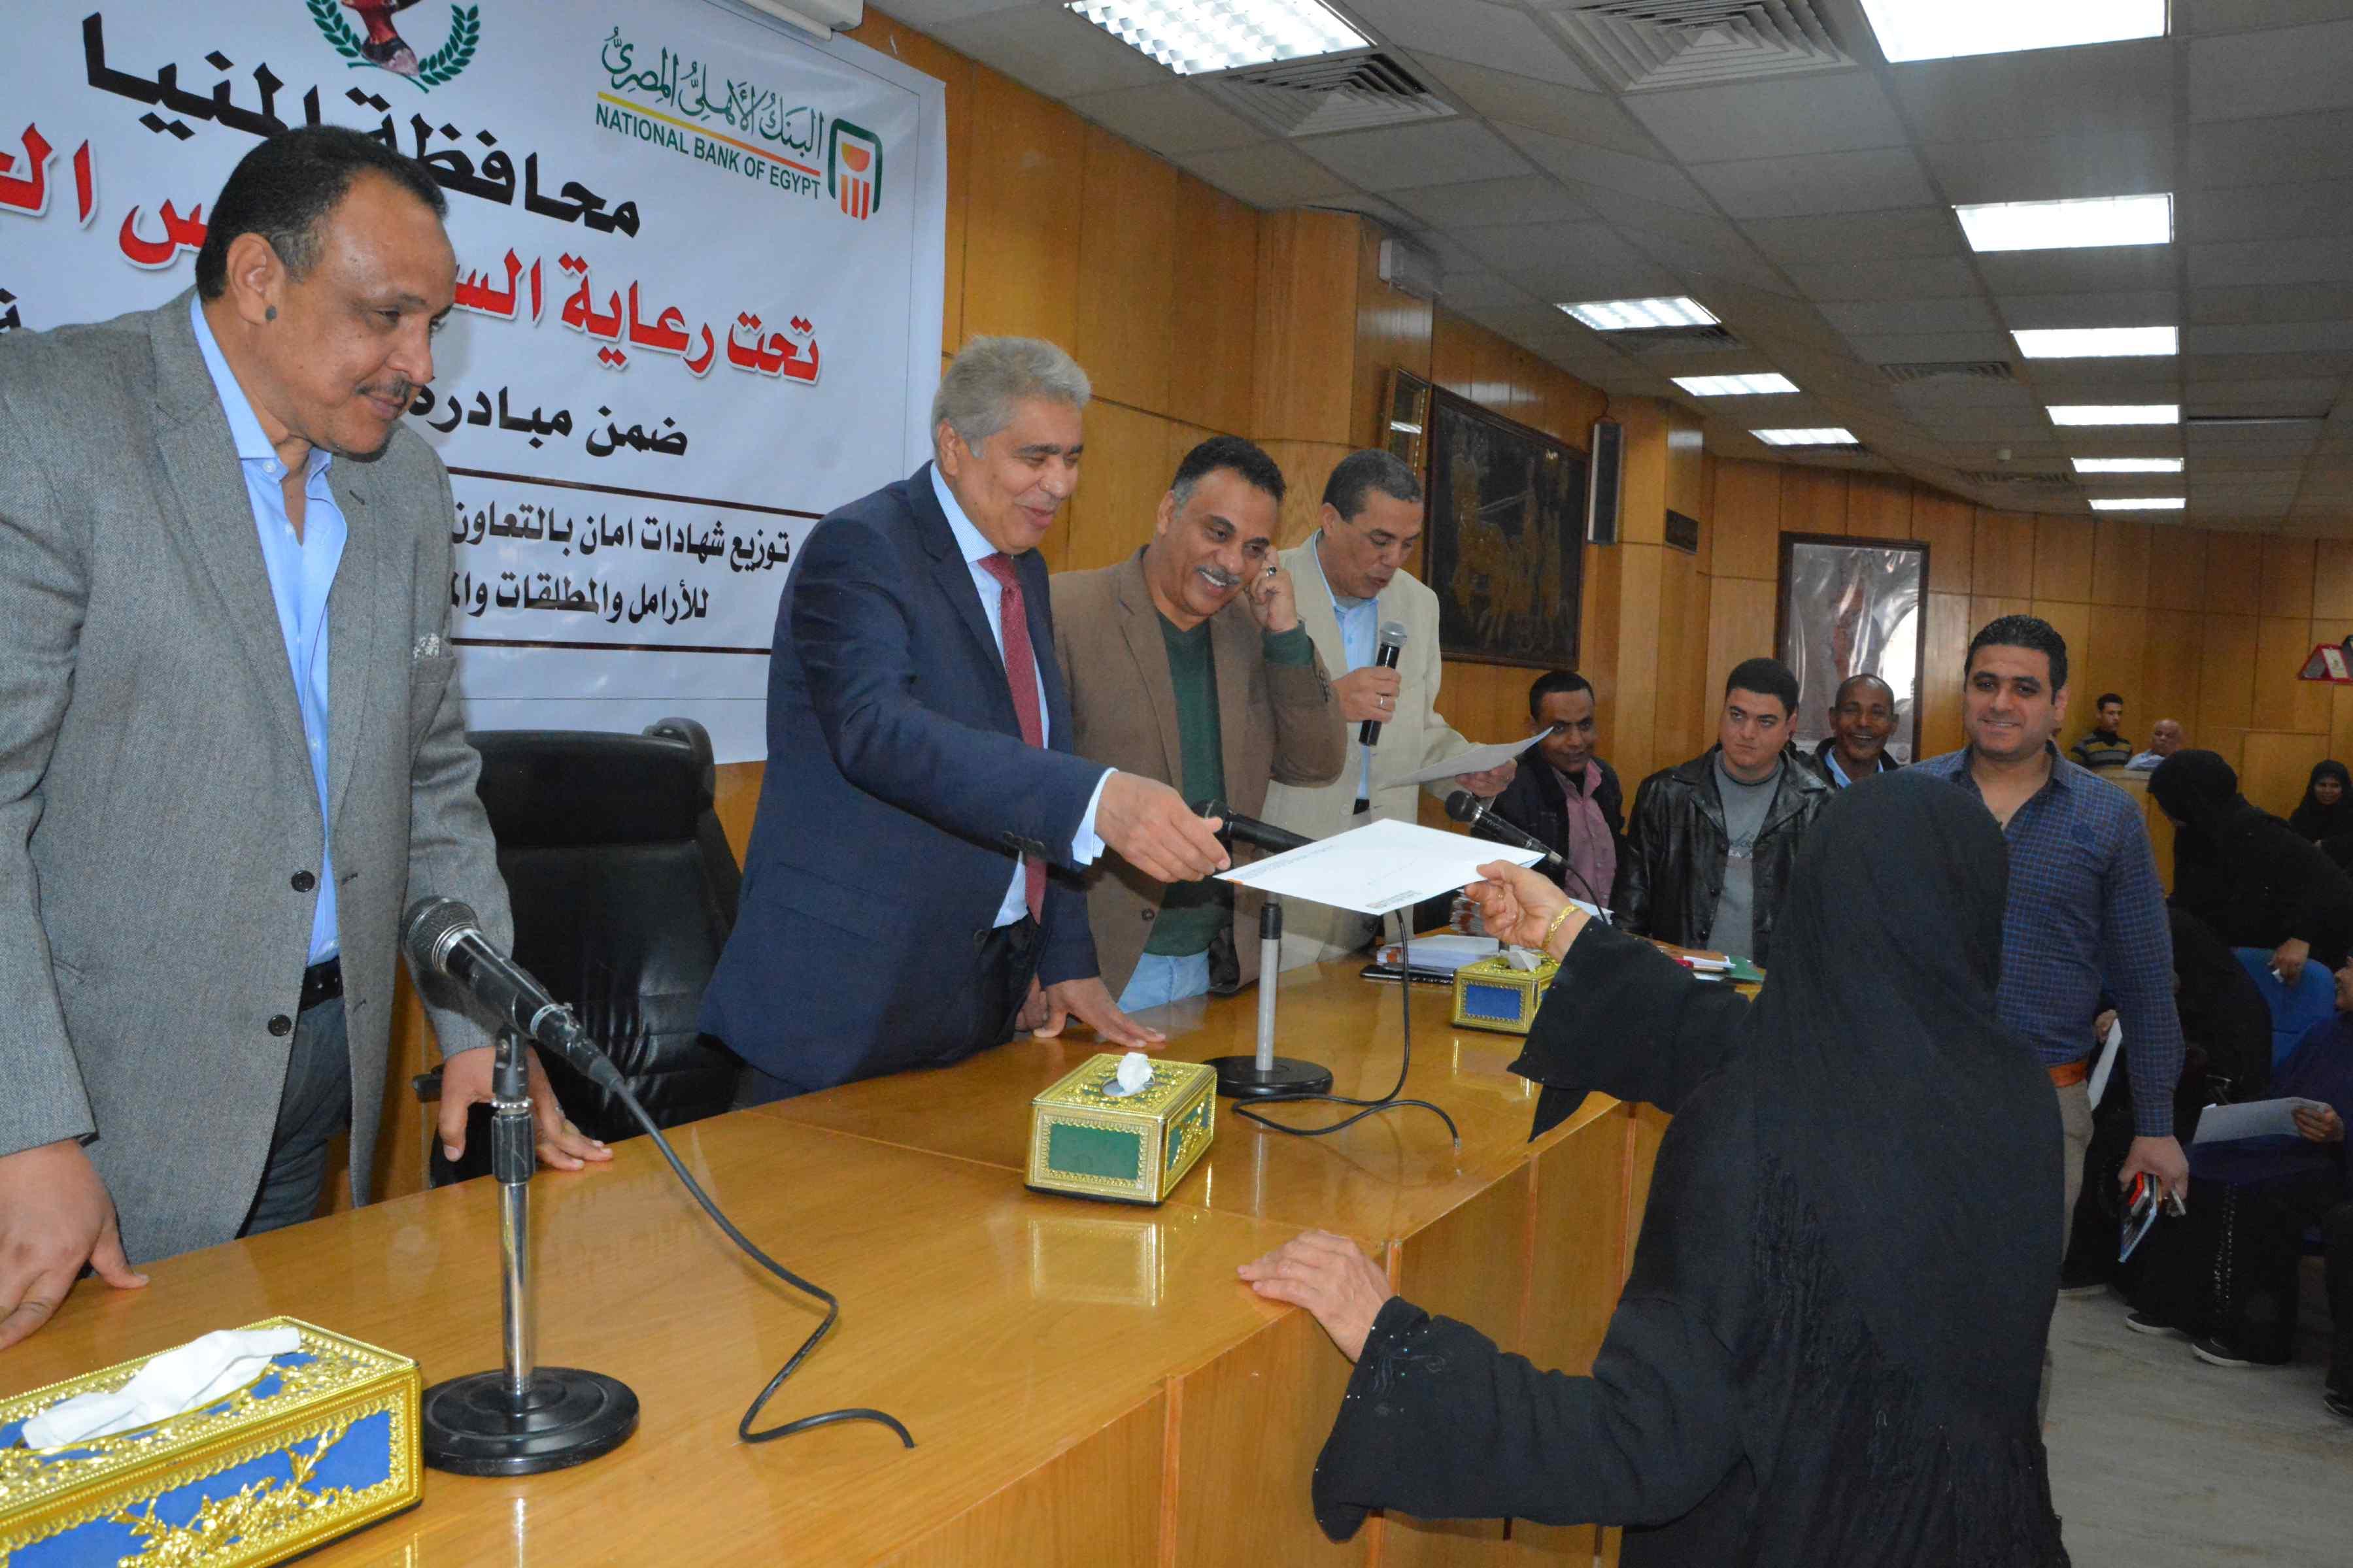 محافظ المنيا يٌسلم 200شهادة أمان من الأورمان للسيدات المعيلات (7)